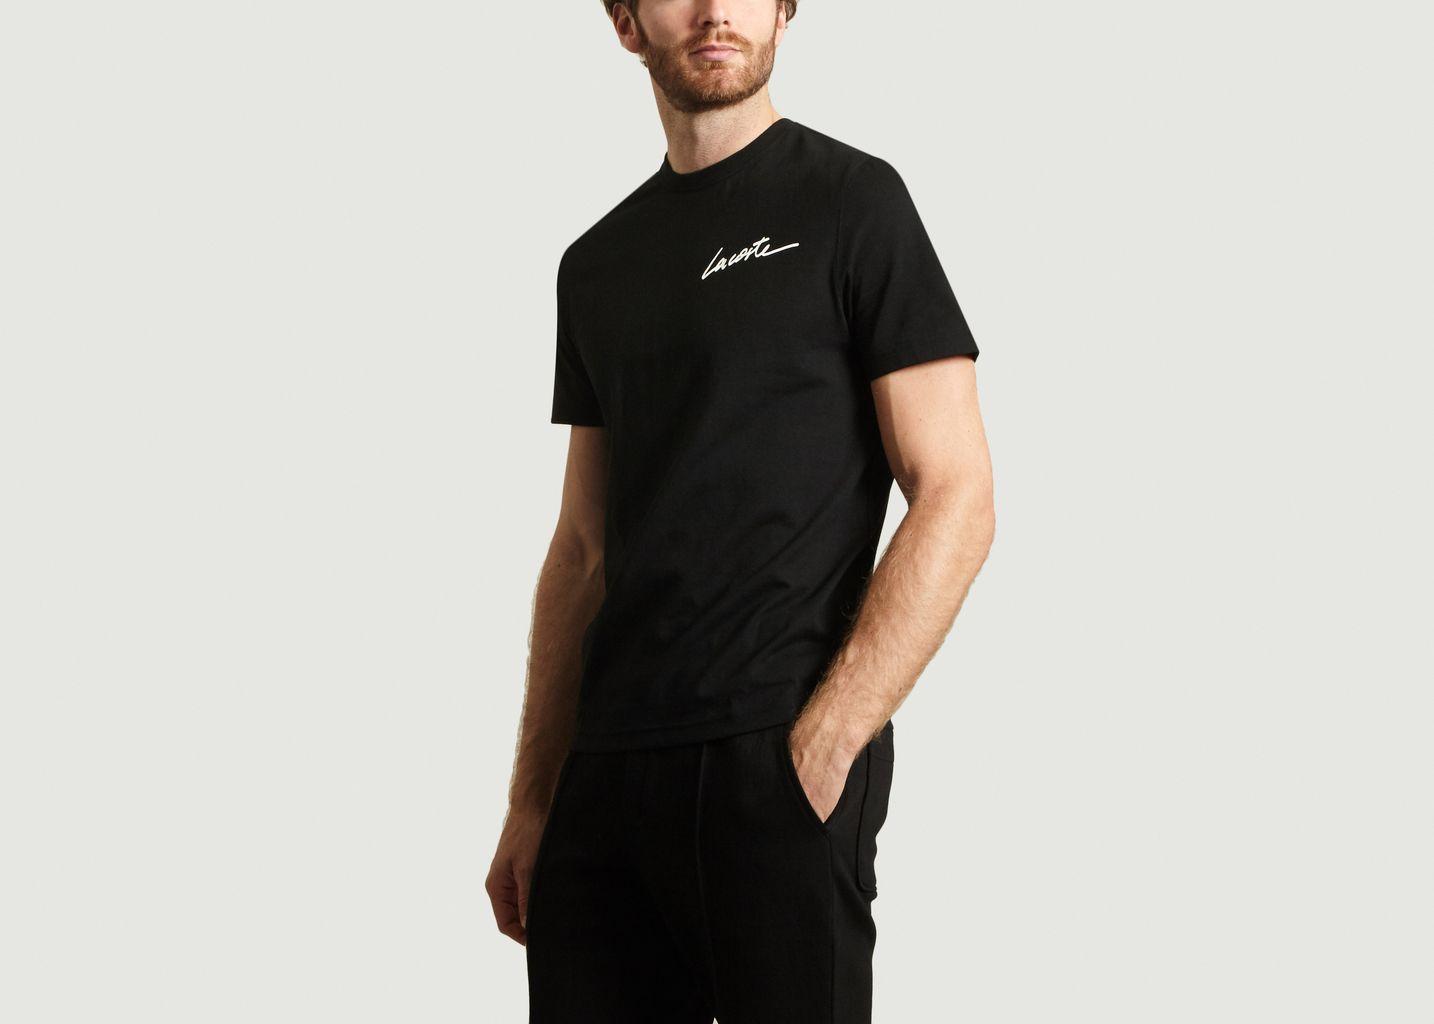 À T Lacoste Noir 30 Soldes Signature L'exception Shirt Live gIYw1